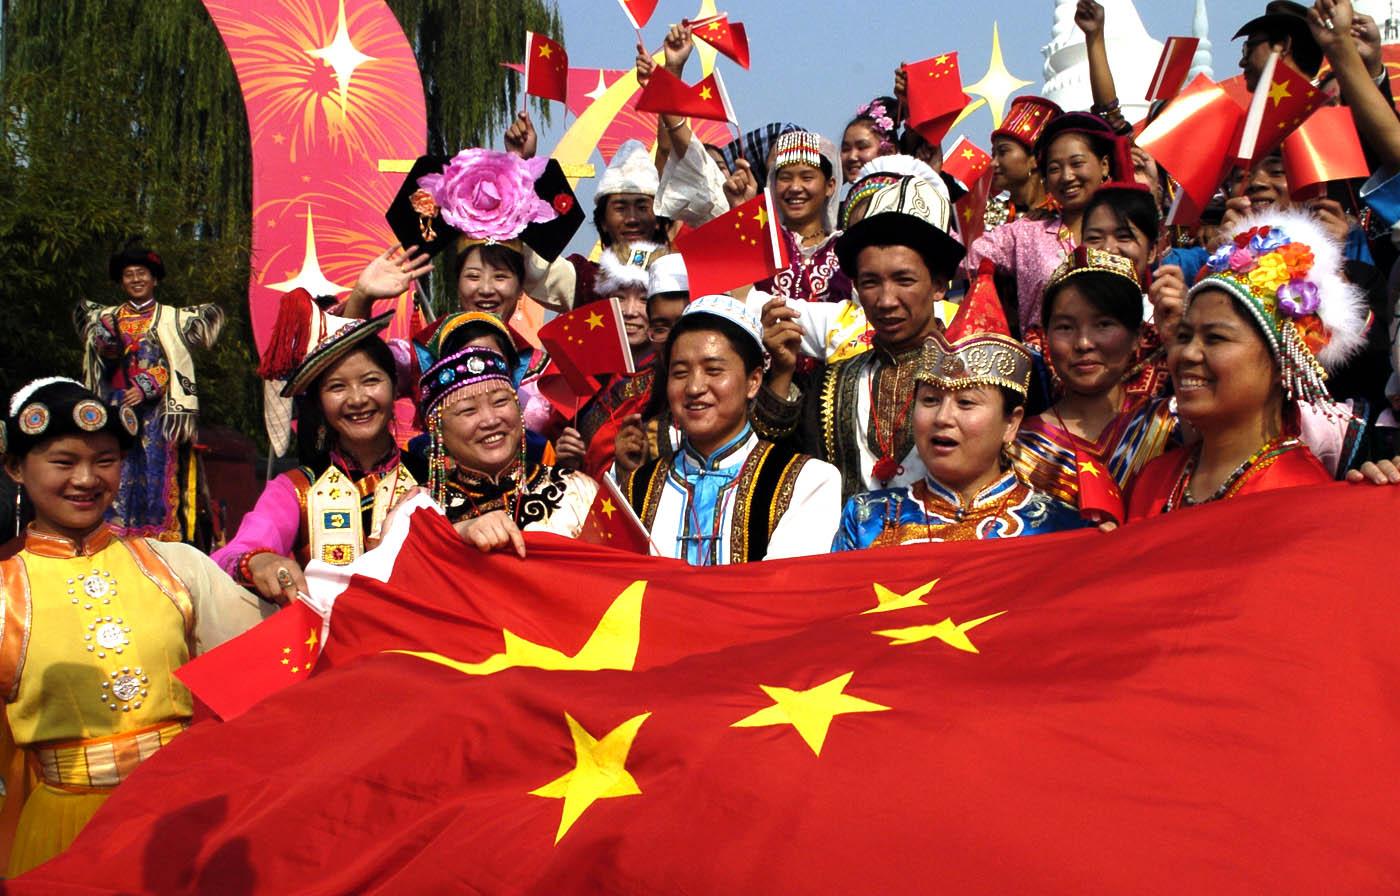 Анкета для визы в Китай